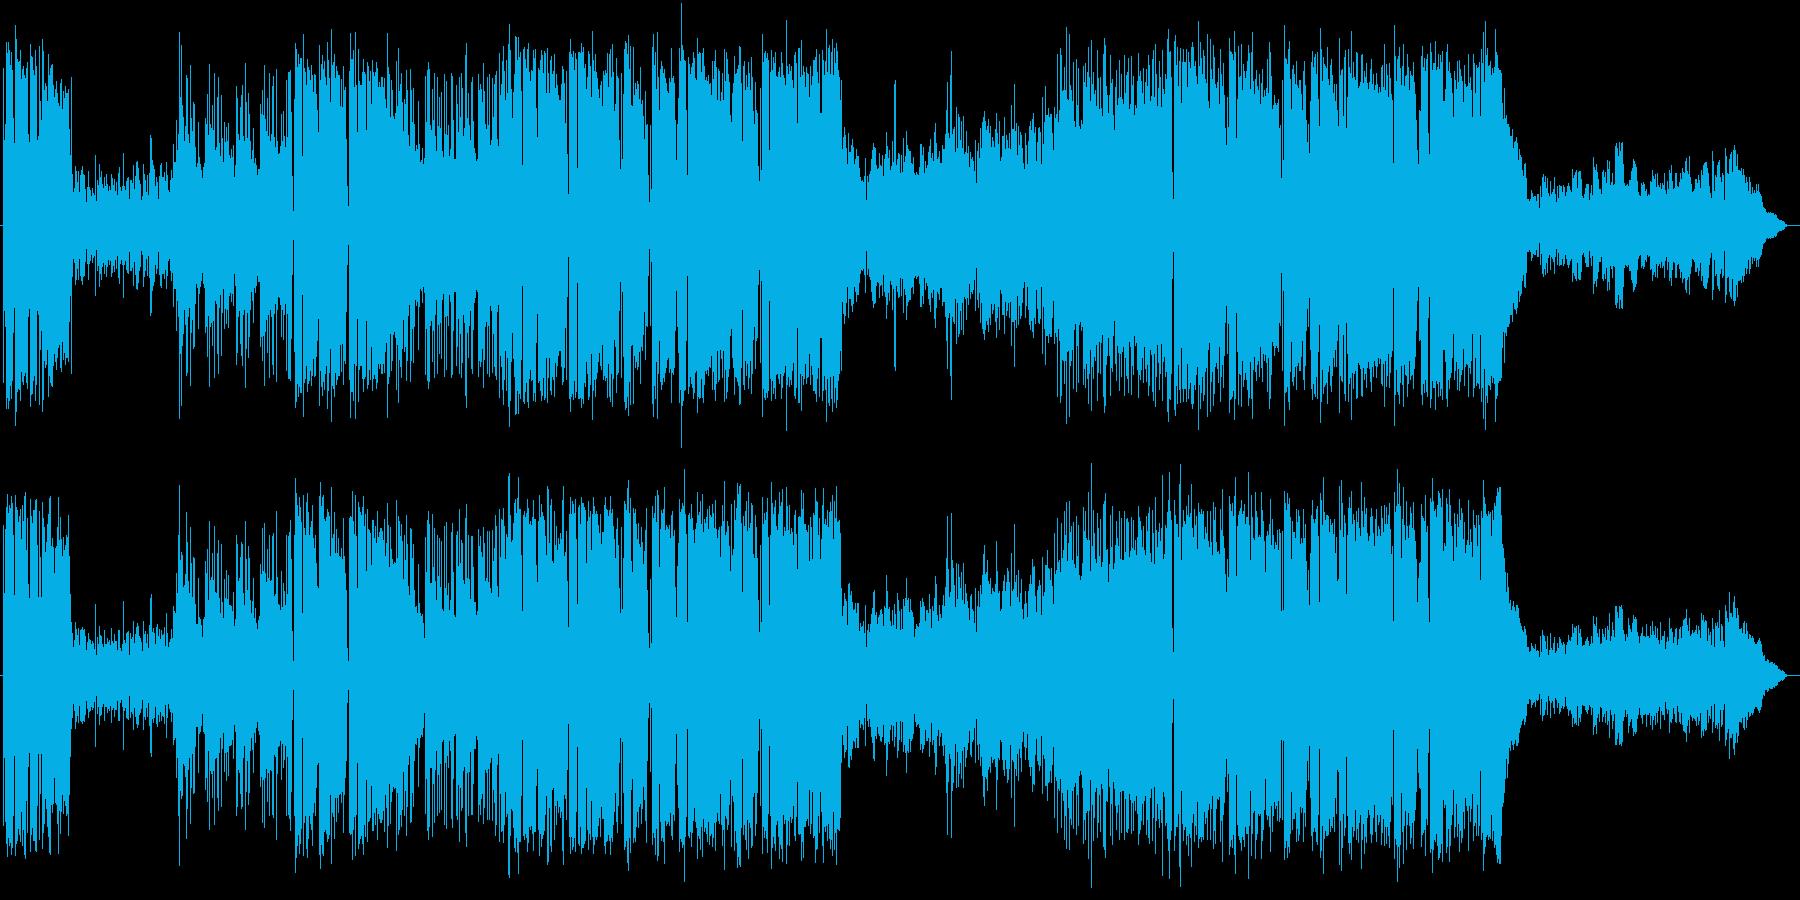 サックスのミディアムテンポのポップスの再生済みの波形